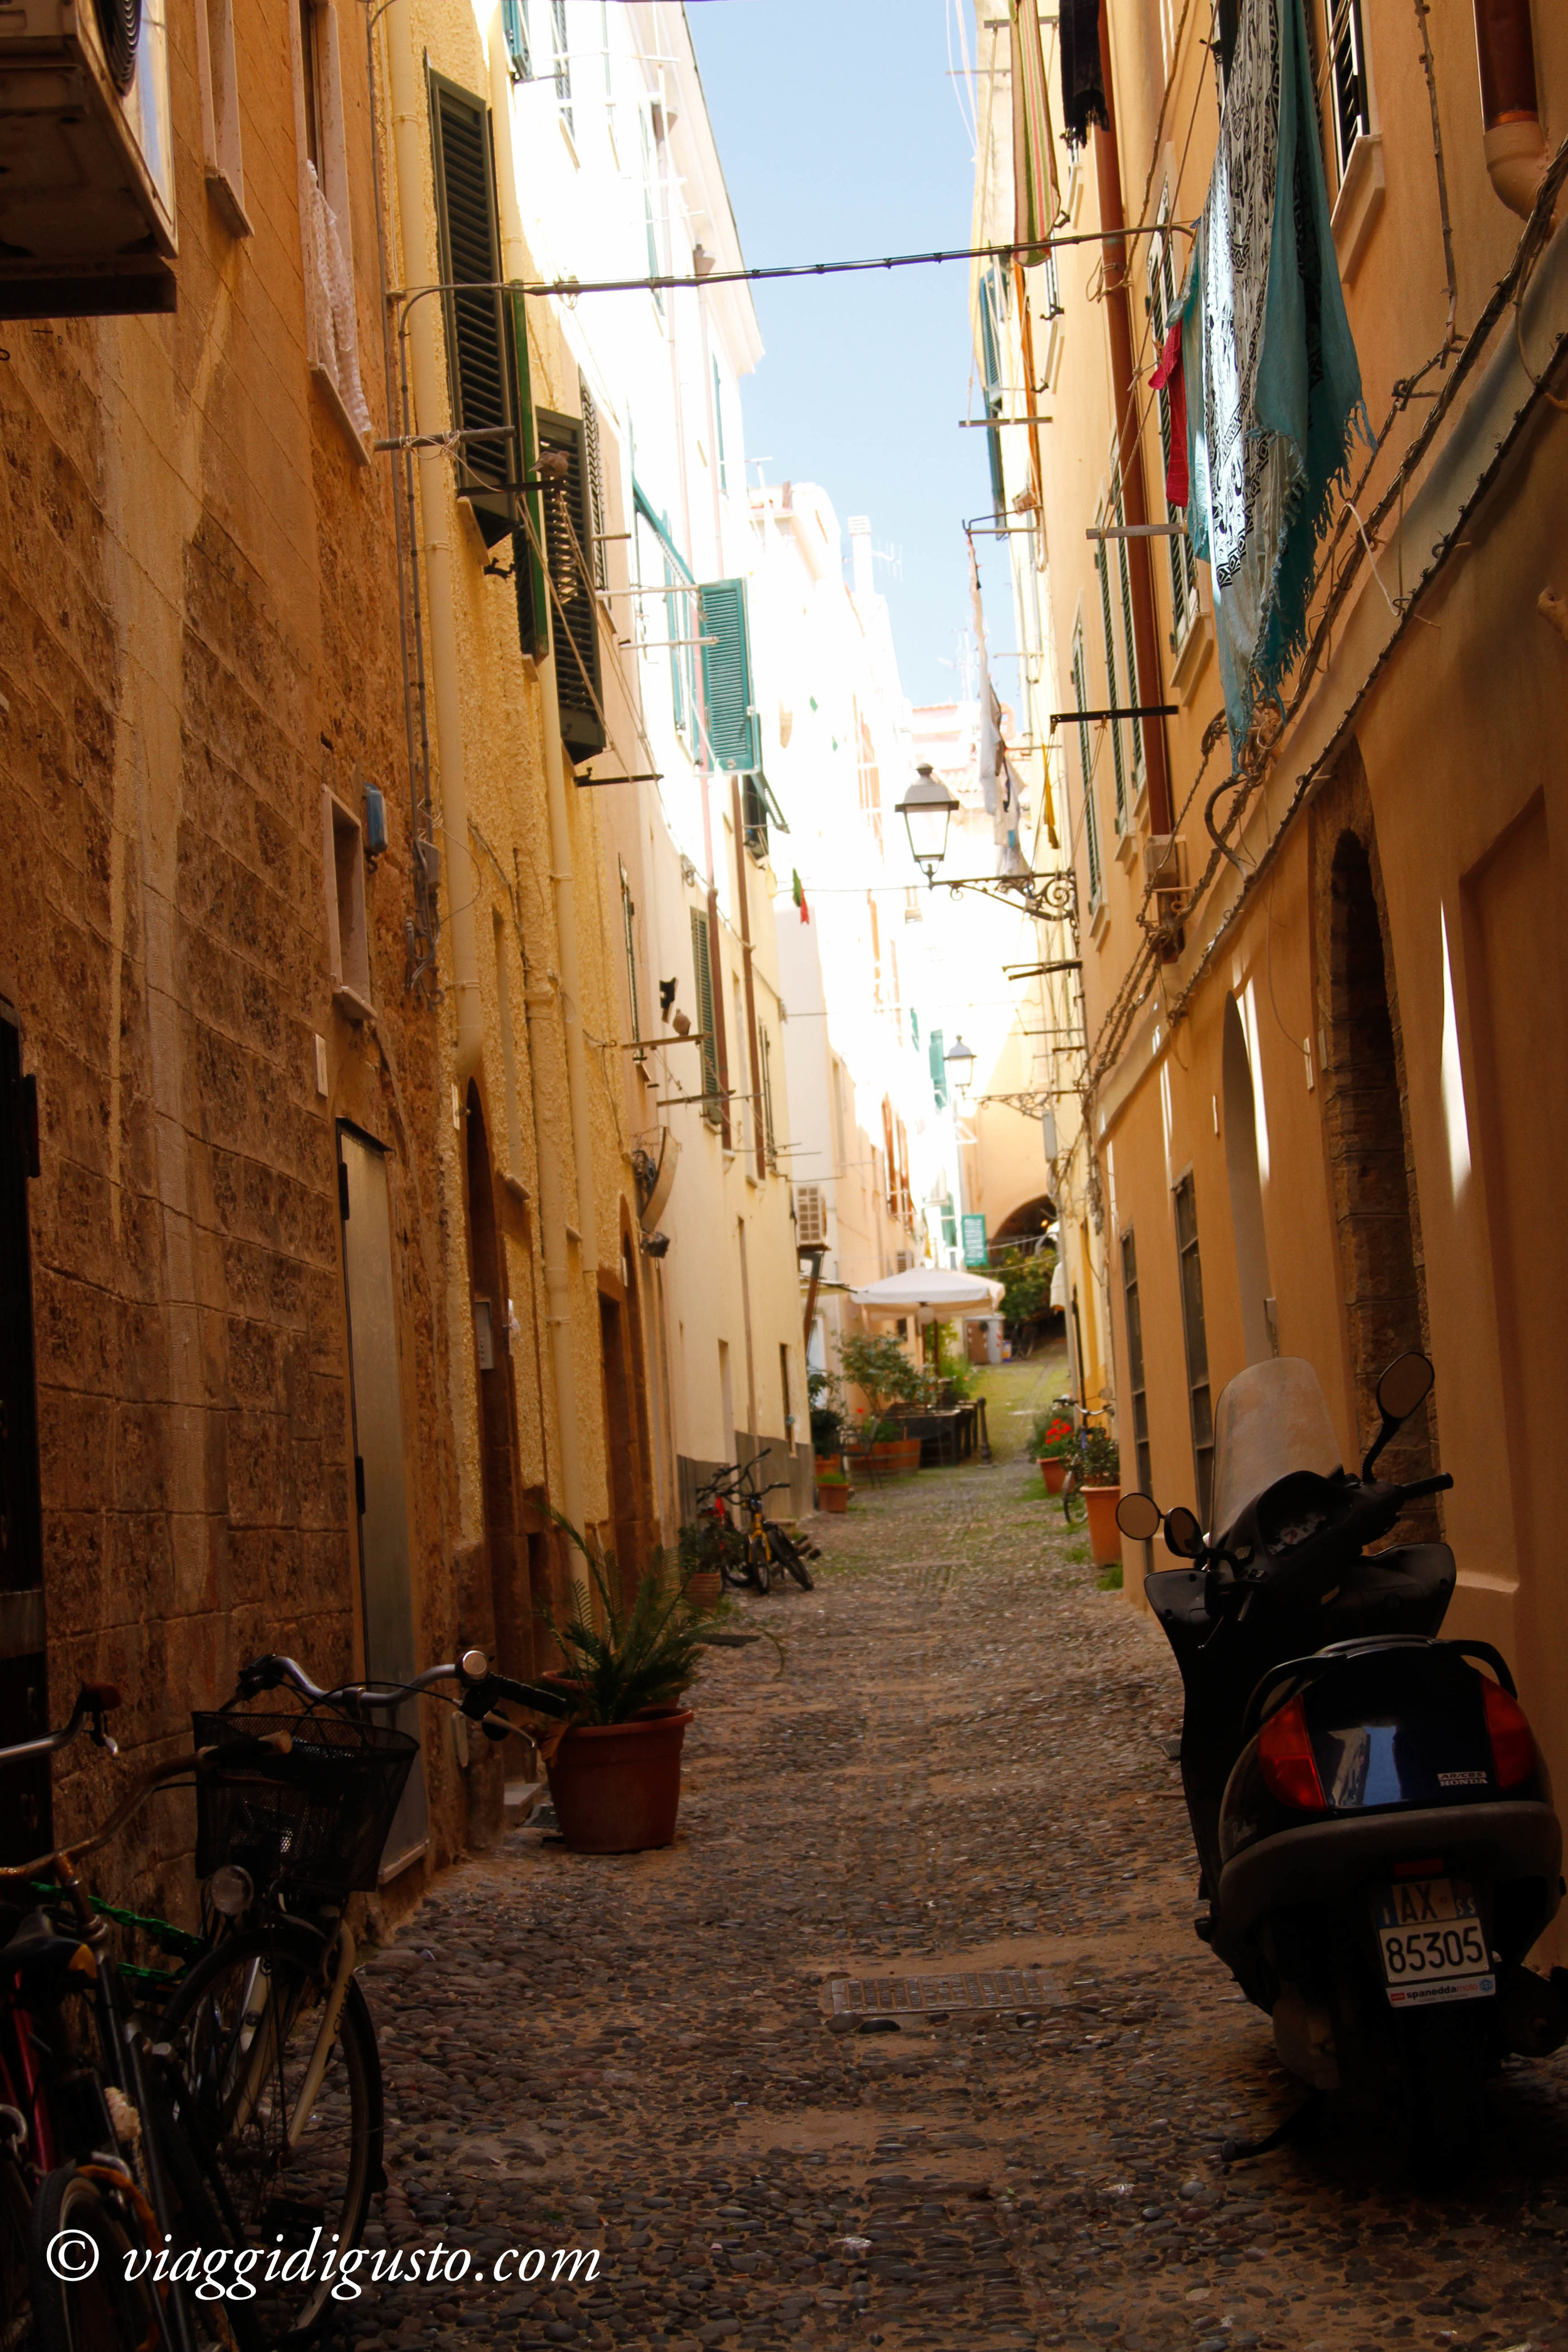 sardinia_alghero_2014_795.jpg